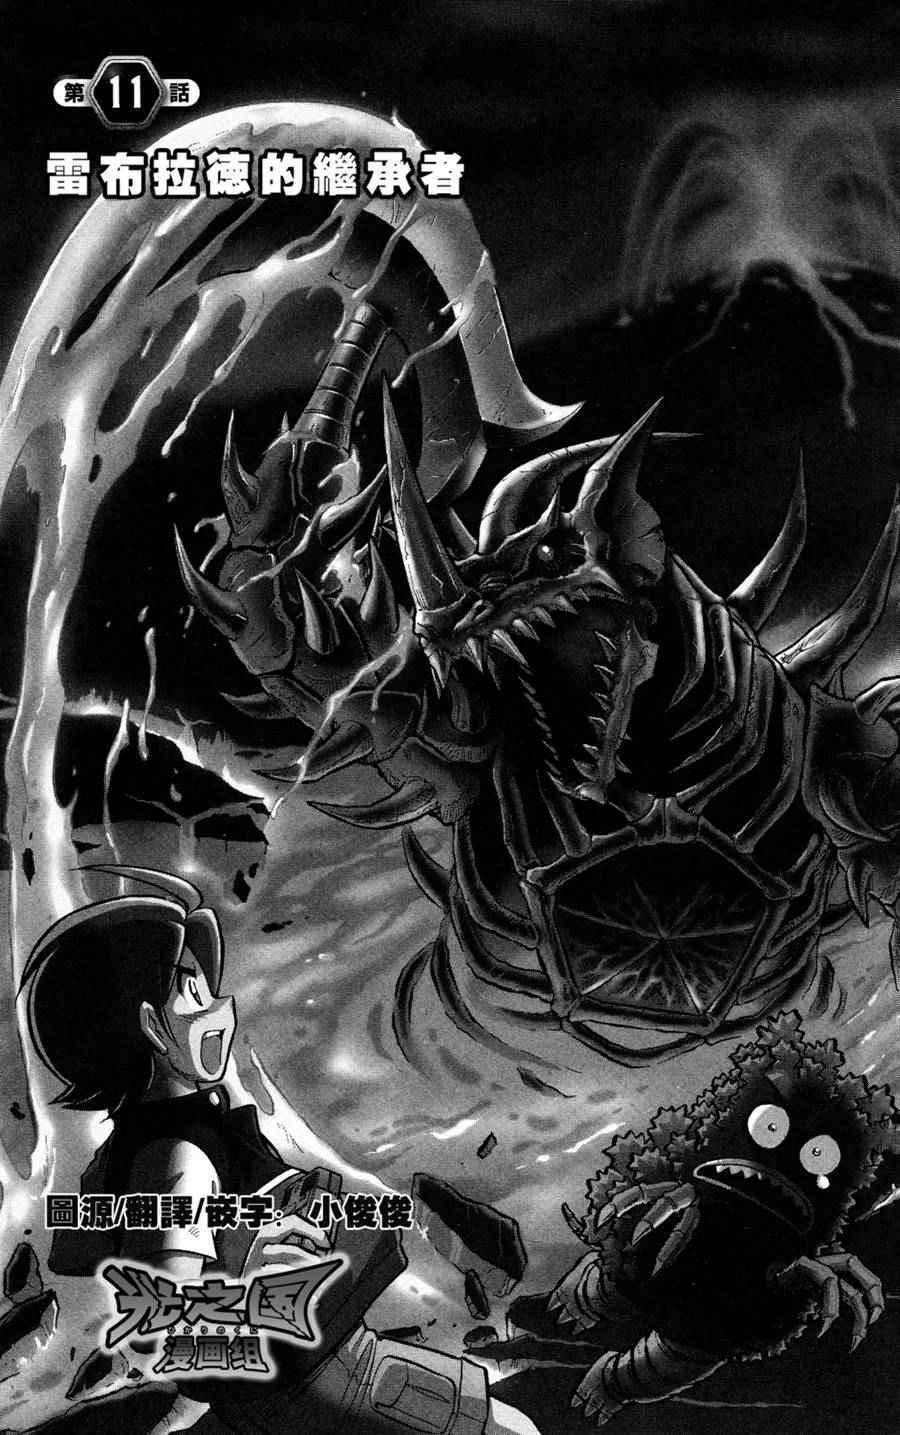 大怪獸格鬥 奧特冒險遊戲漫畫奧特冒險游戲 011話(第1頁)_大怪獸格鬥 奧特冒險遊戲奧特冒險游戲 011話劇情-看漫畫